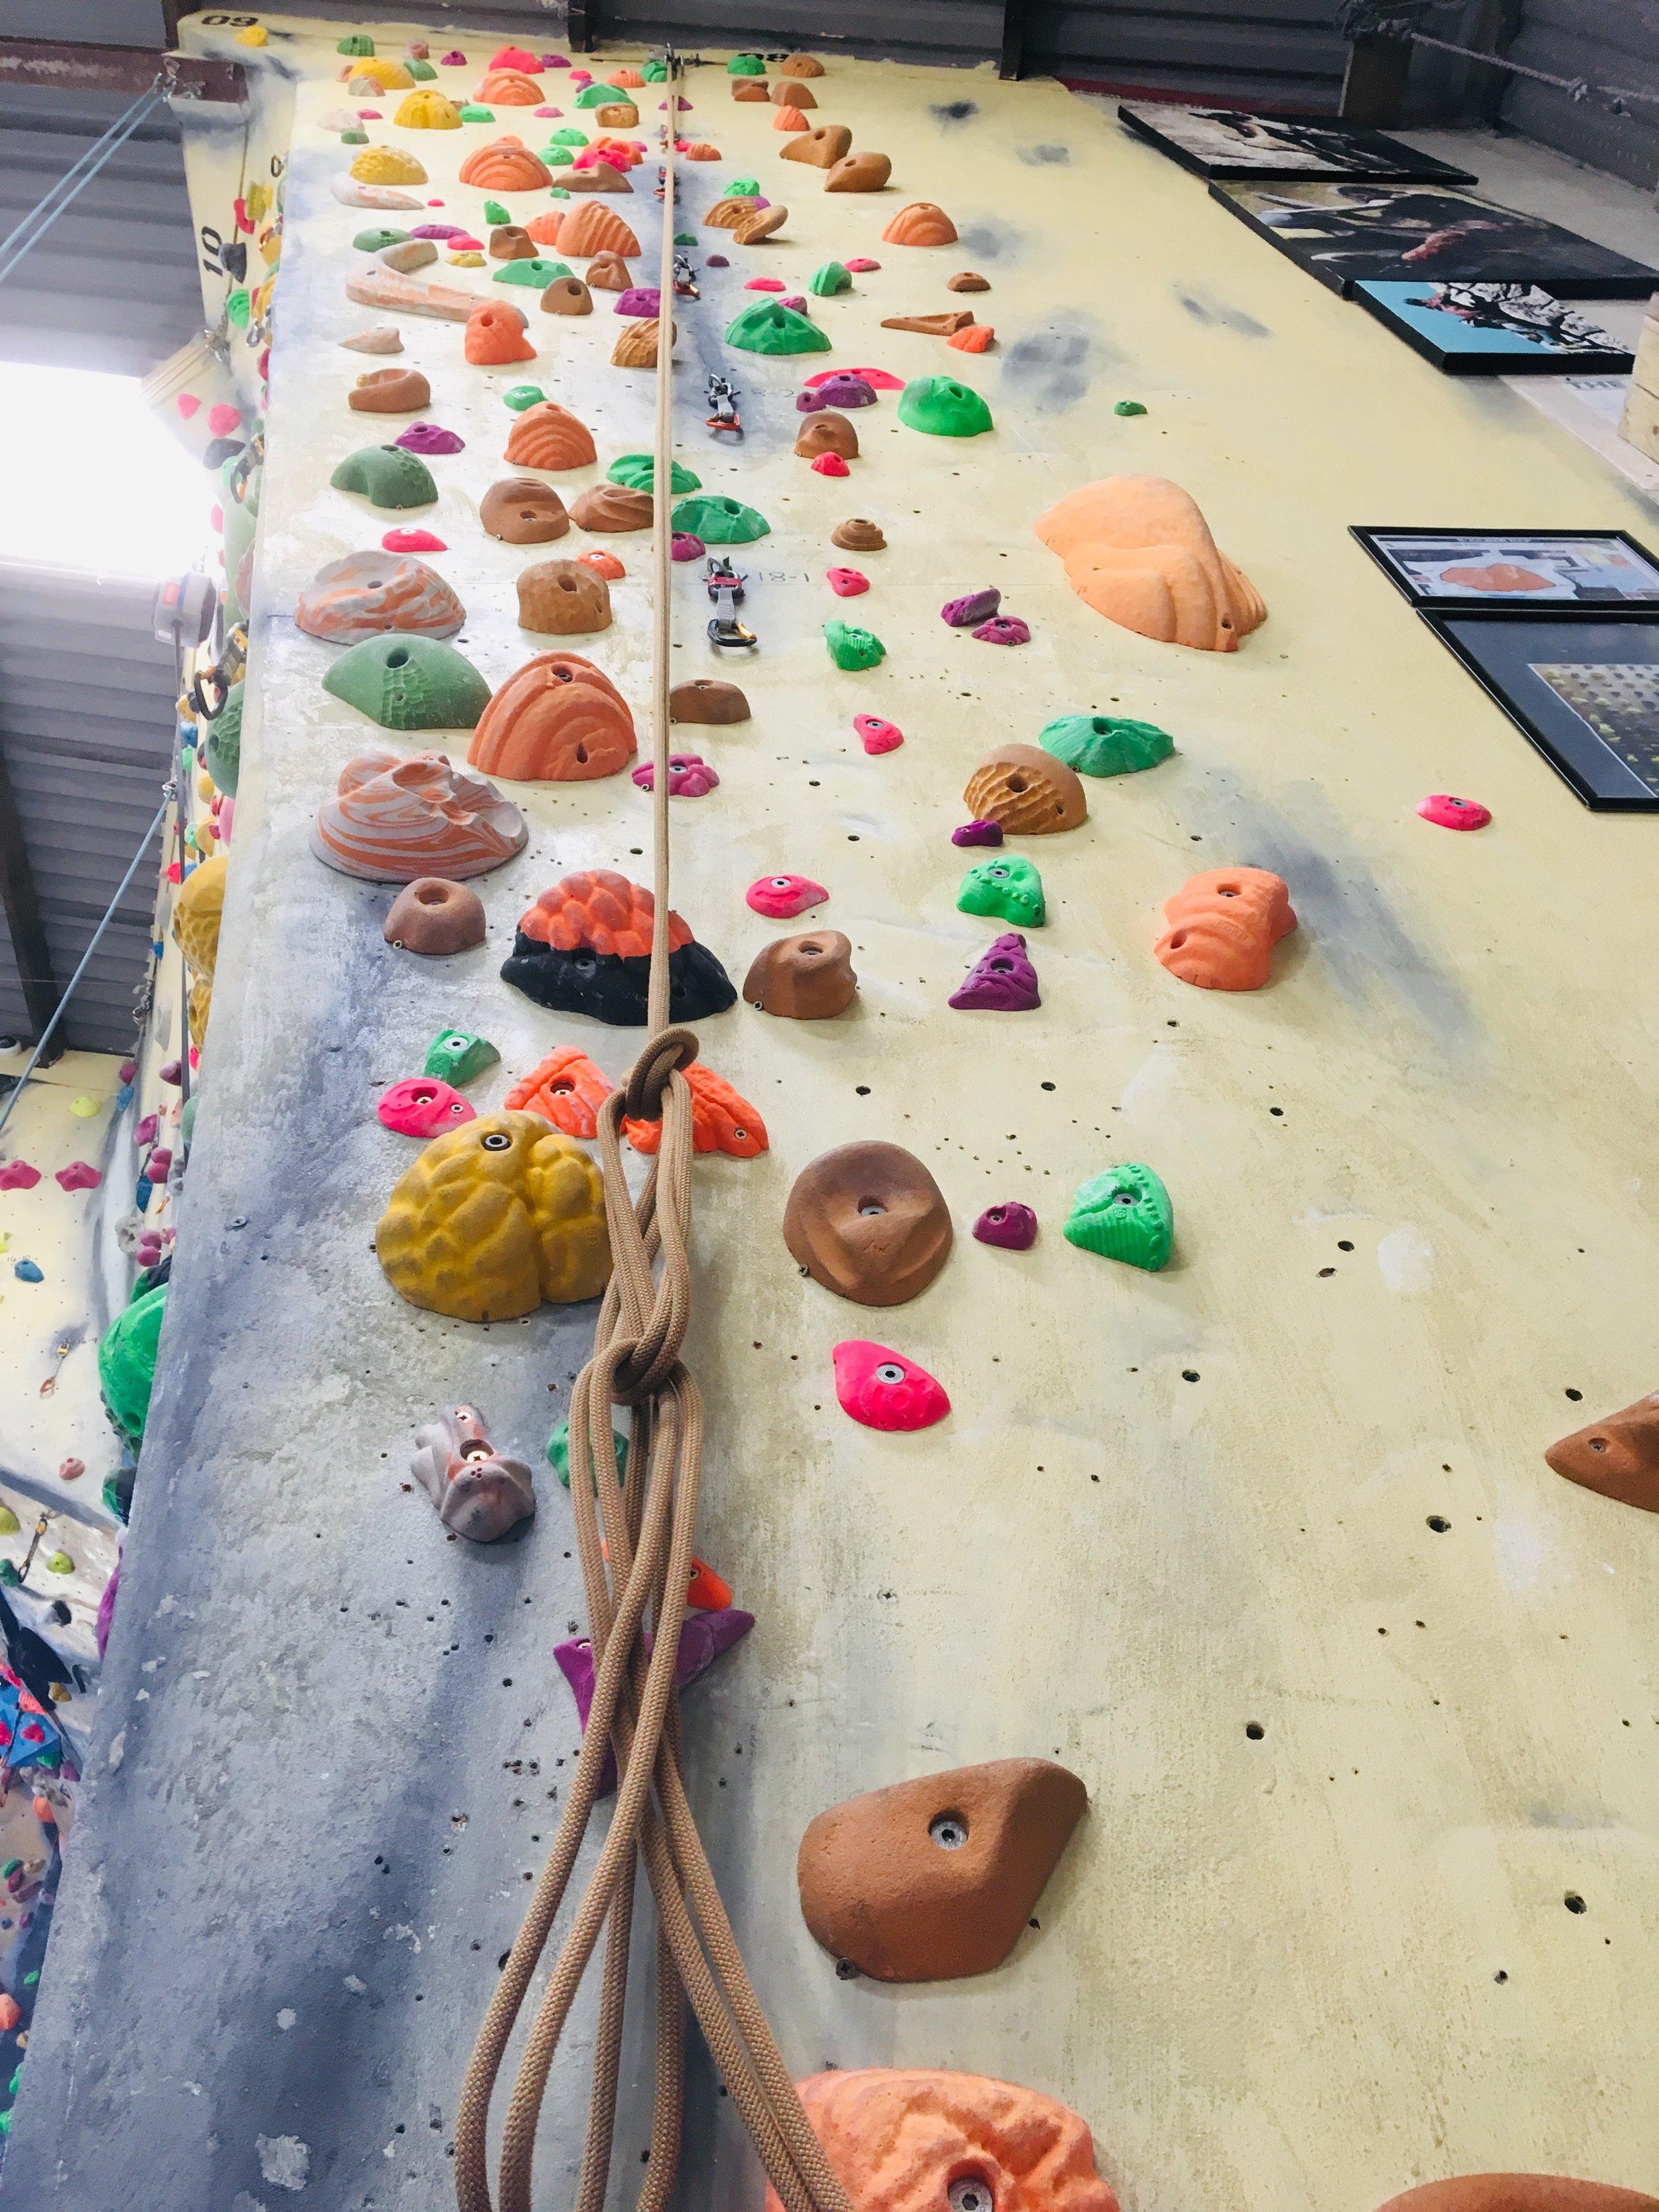 Hanger 8 - Fluro Green (F6a) NaomiFluro Orange (F6b) JoeFluro Pink (F6b+) NaomiFont Purple (F6c) Naomi